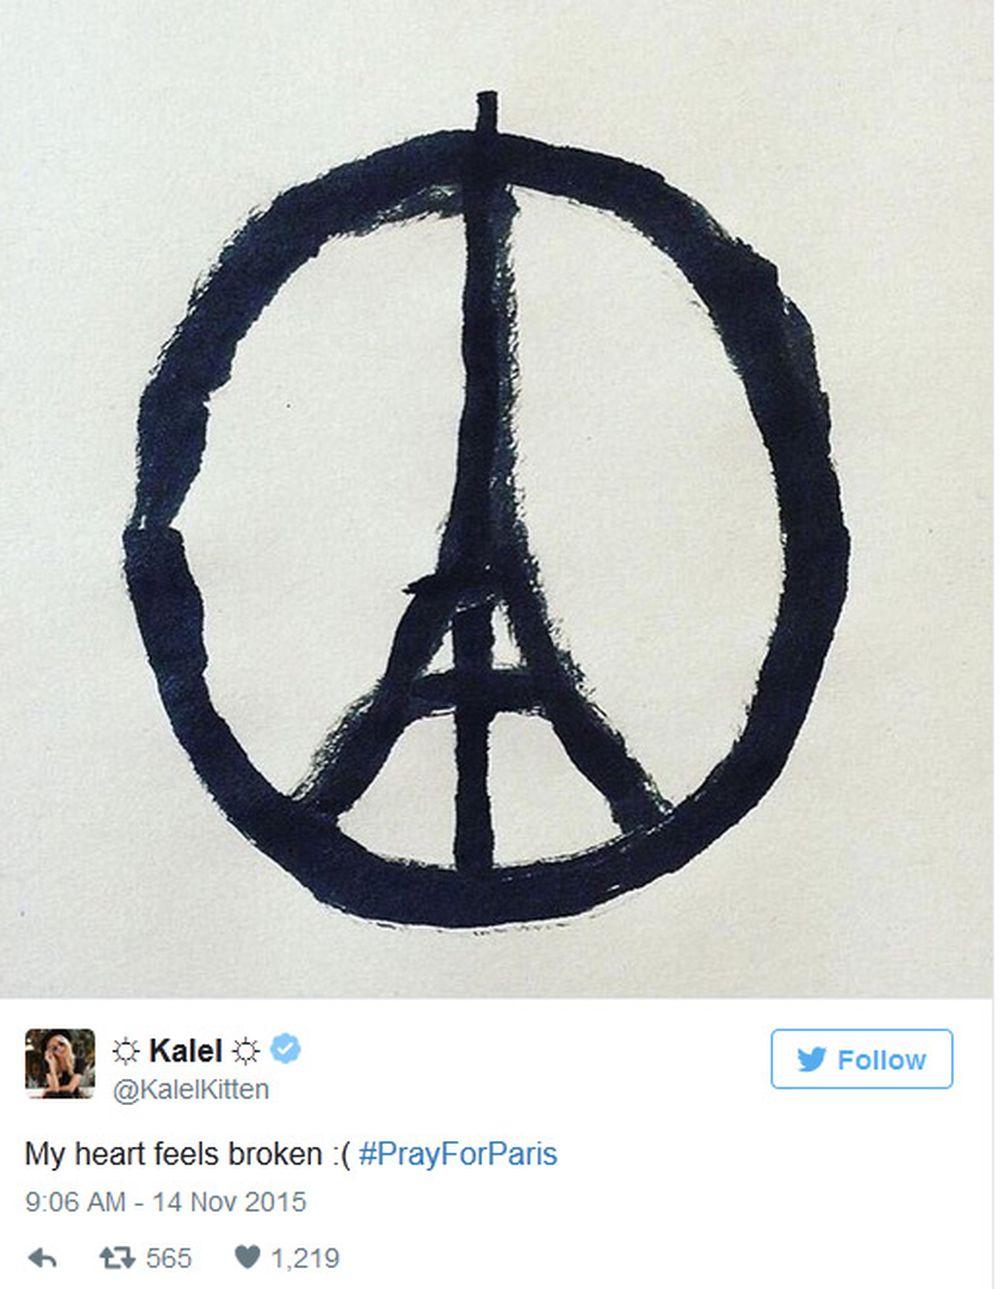 Tháp Eiffel Tắt đèn Thế Giới Cầu Nguyện Cho Paris Báo